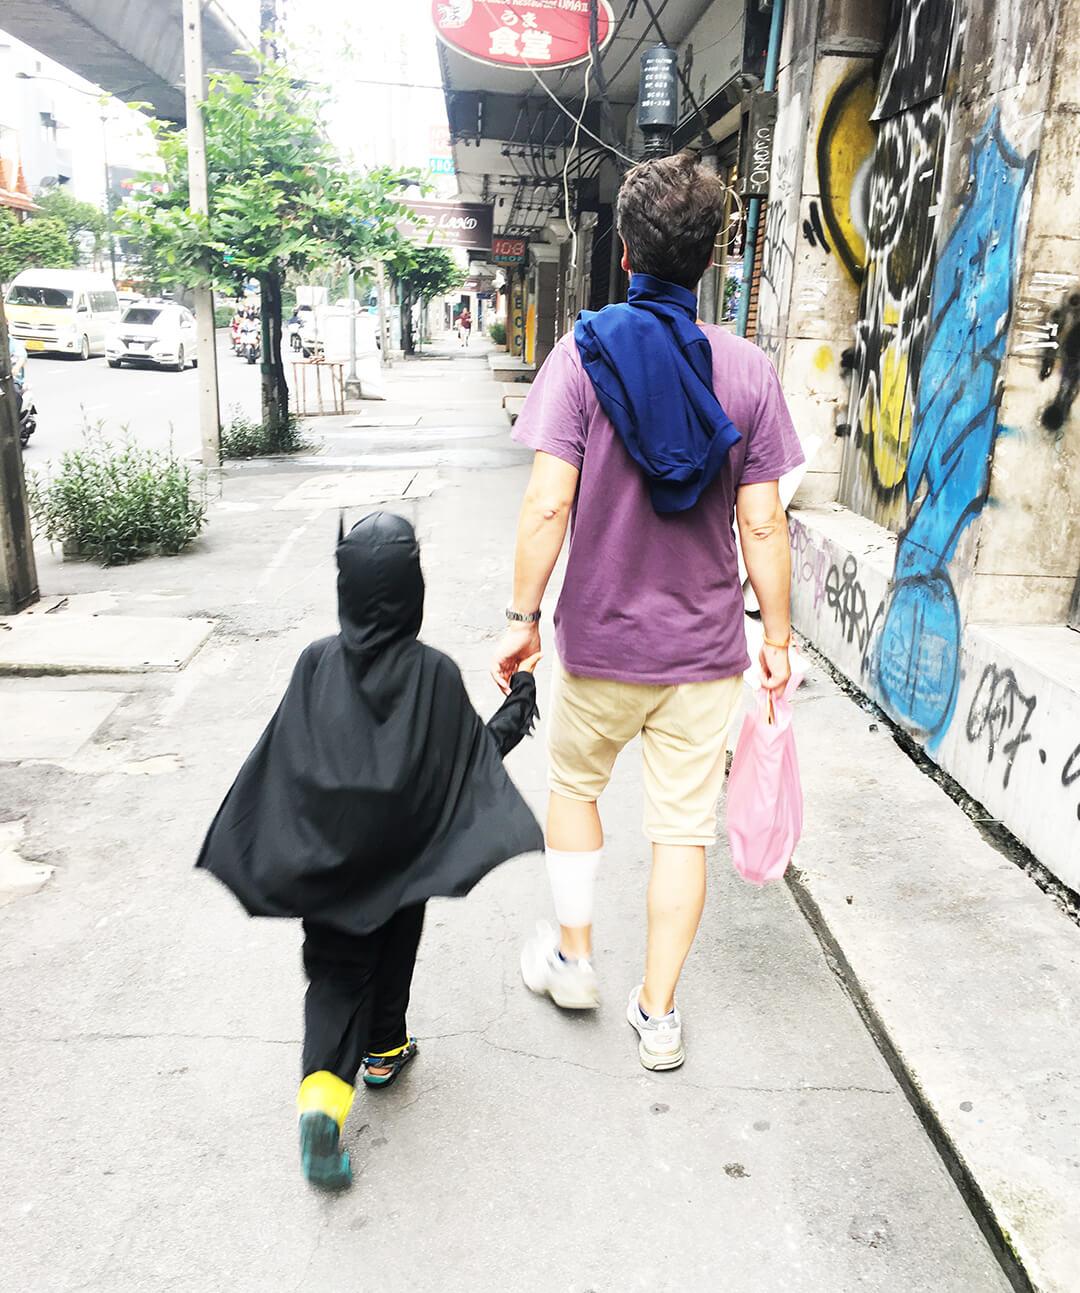 Kind aus dem Ausland adoptieren - unser Thaio